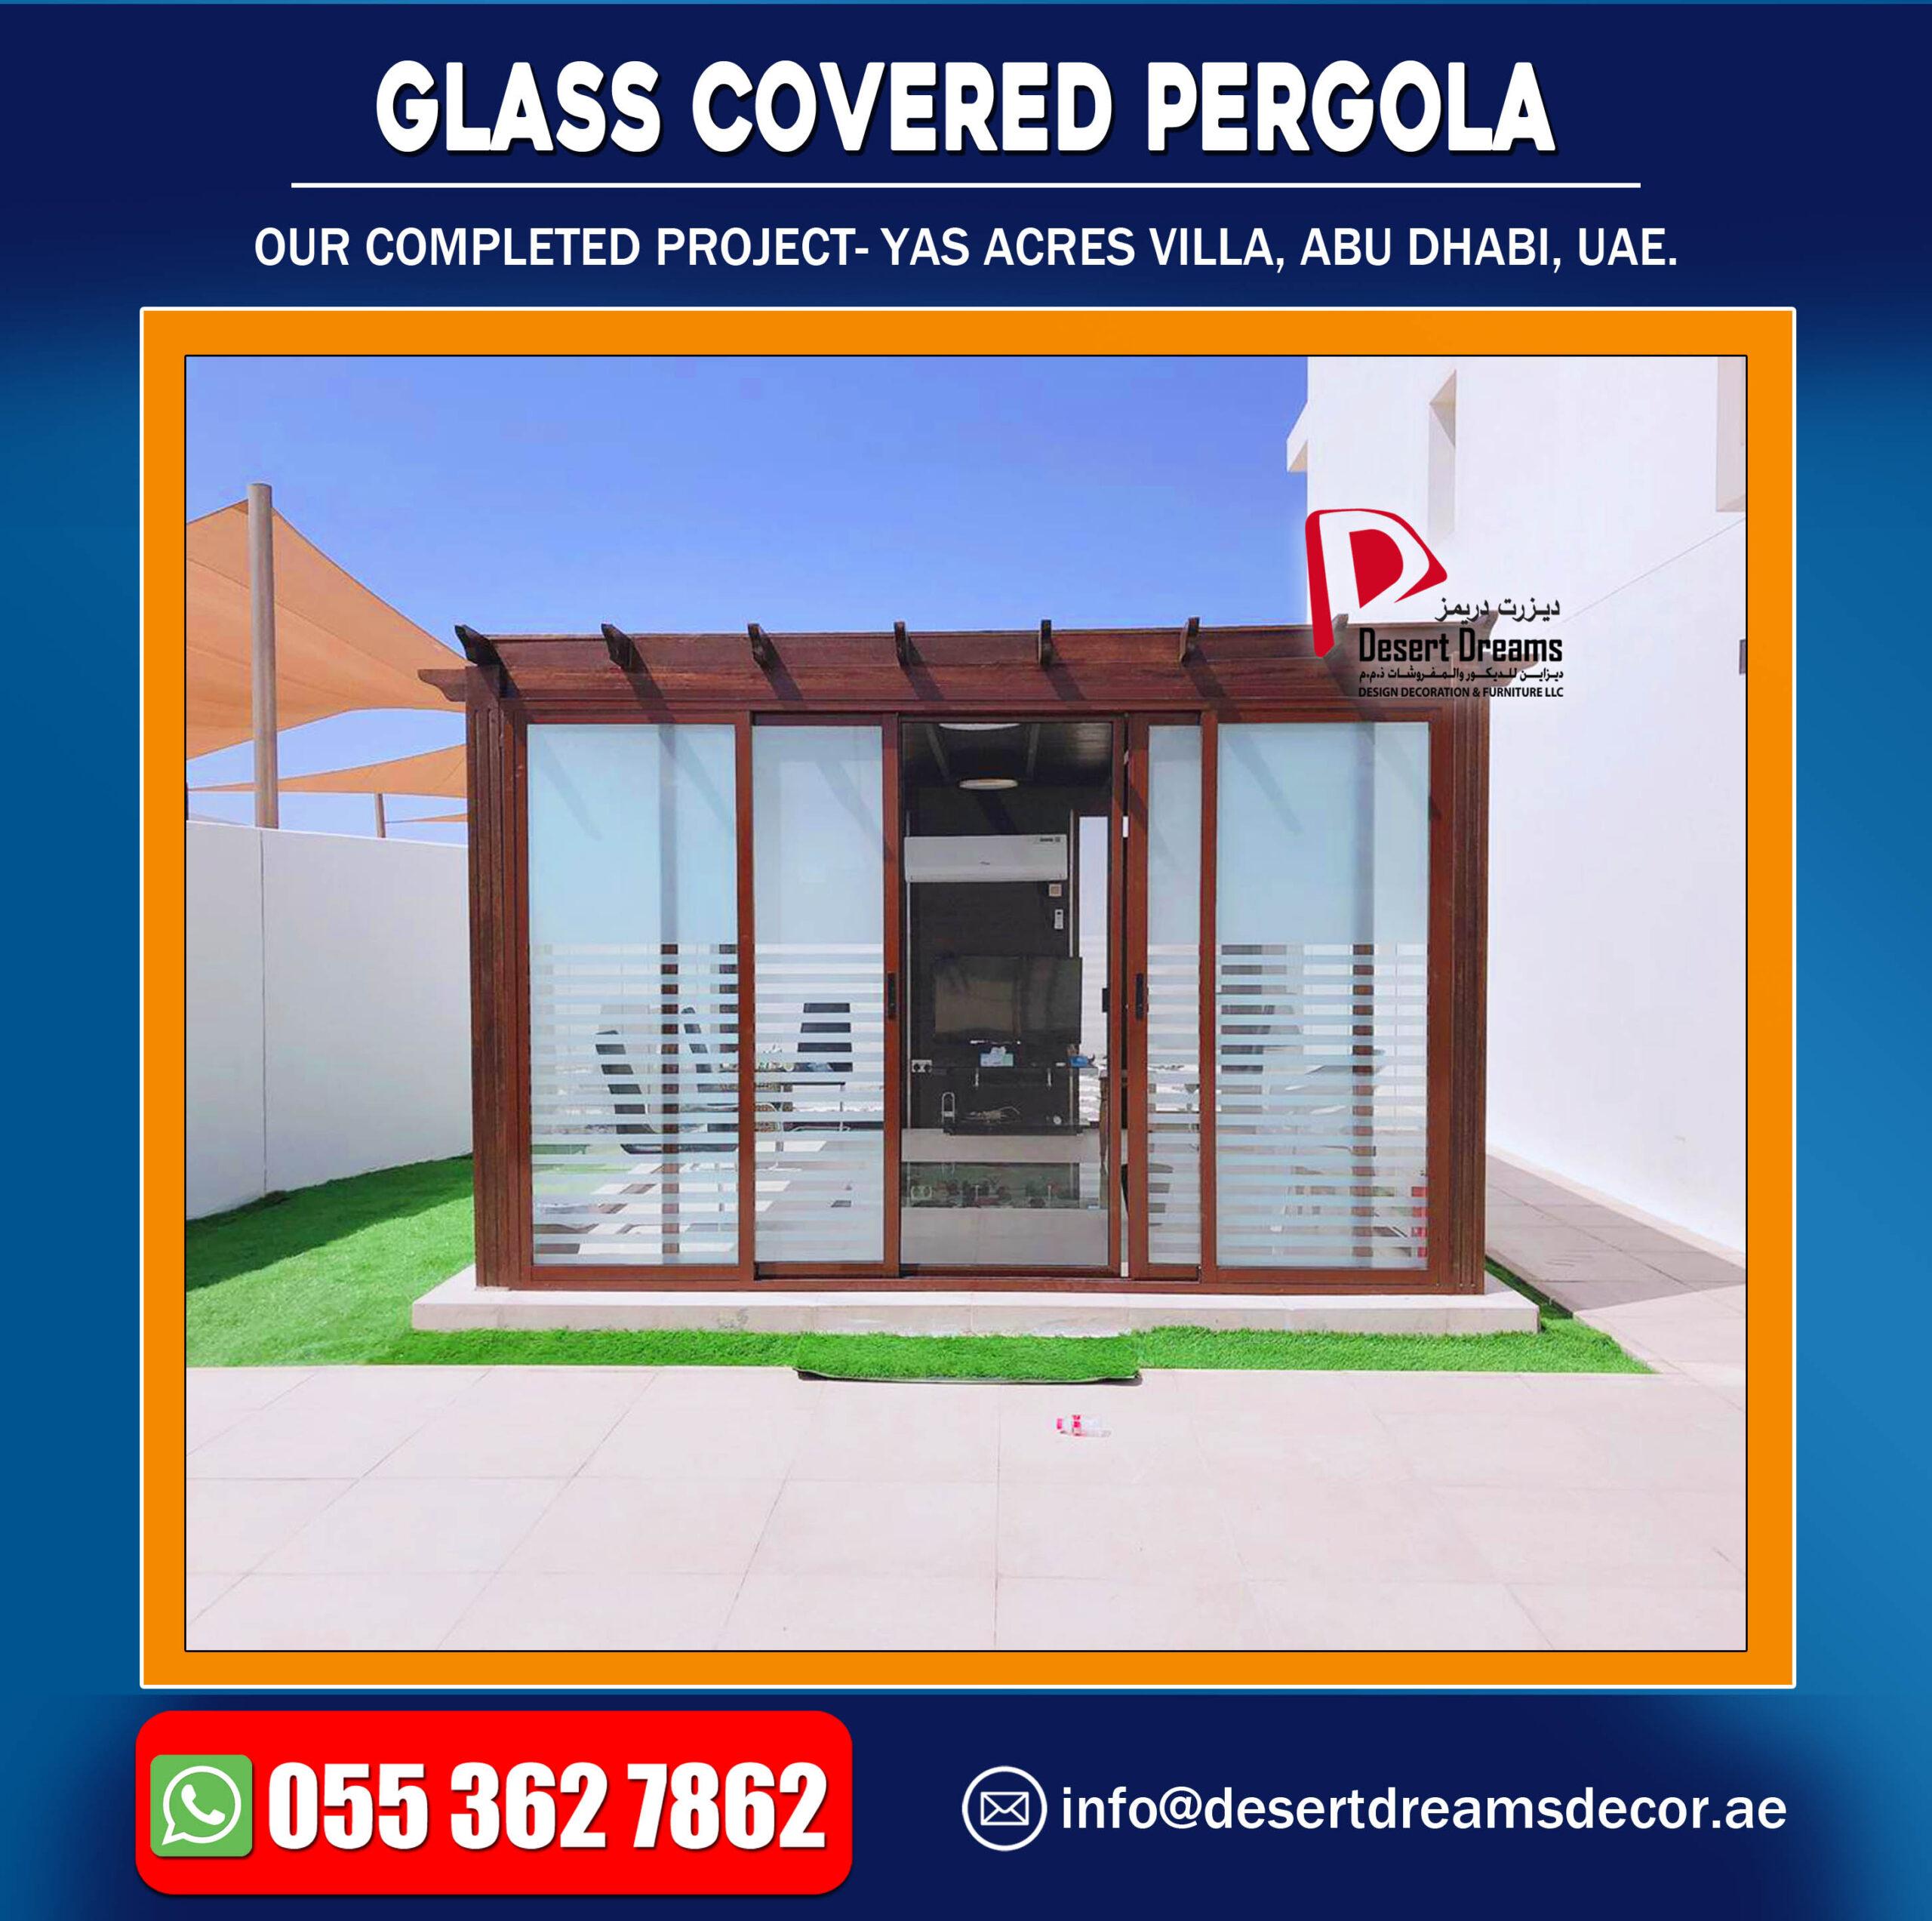 Glass Covered Pergola in UAE-1.jpg